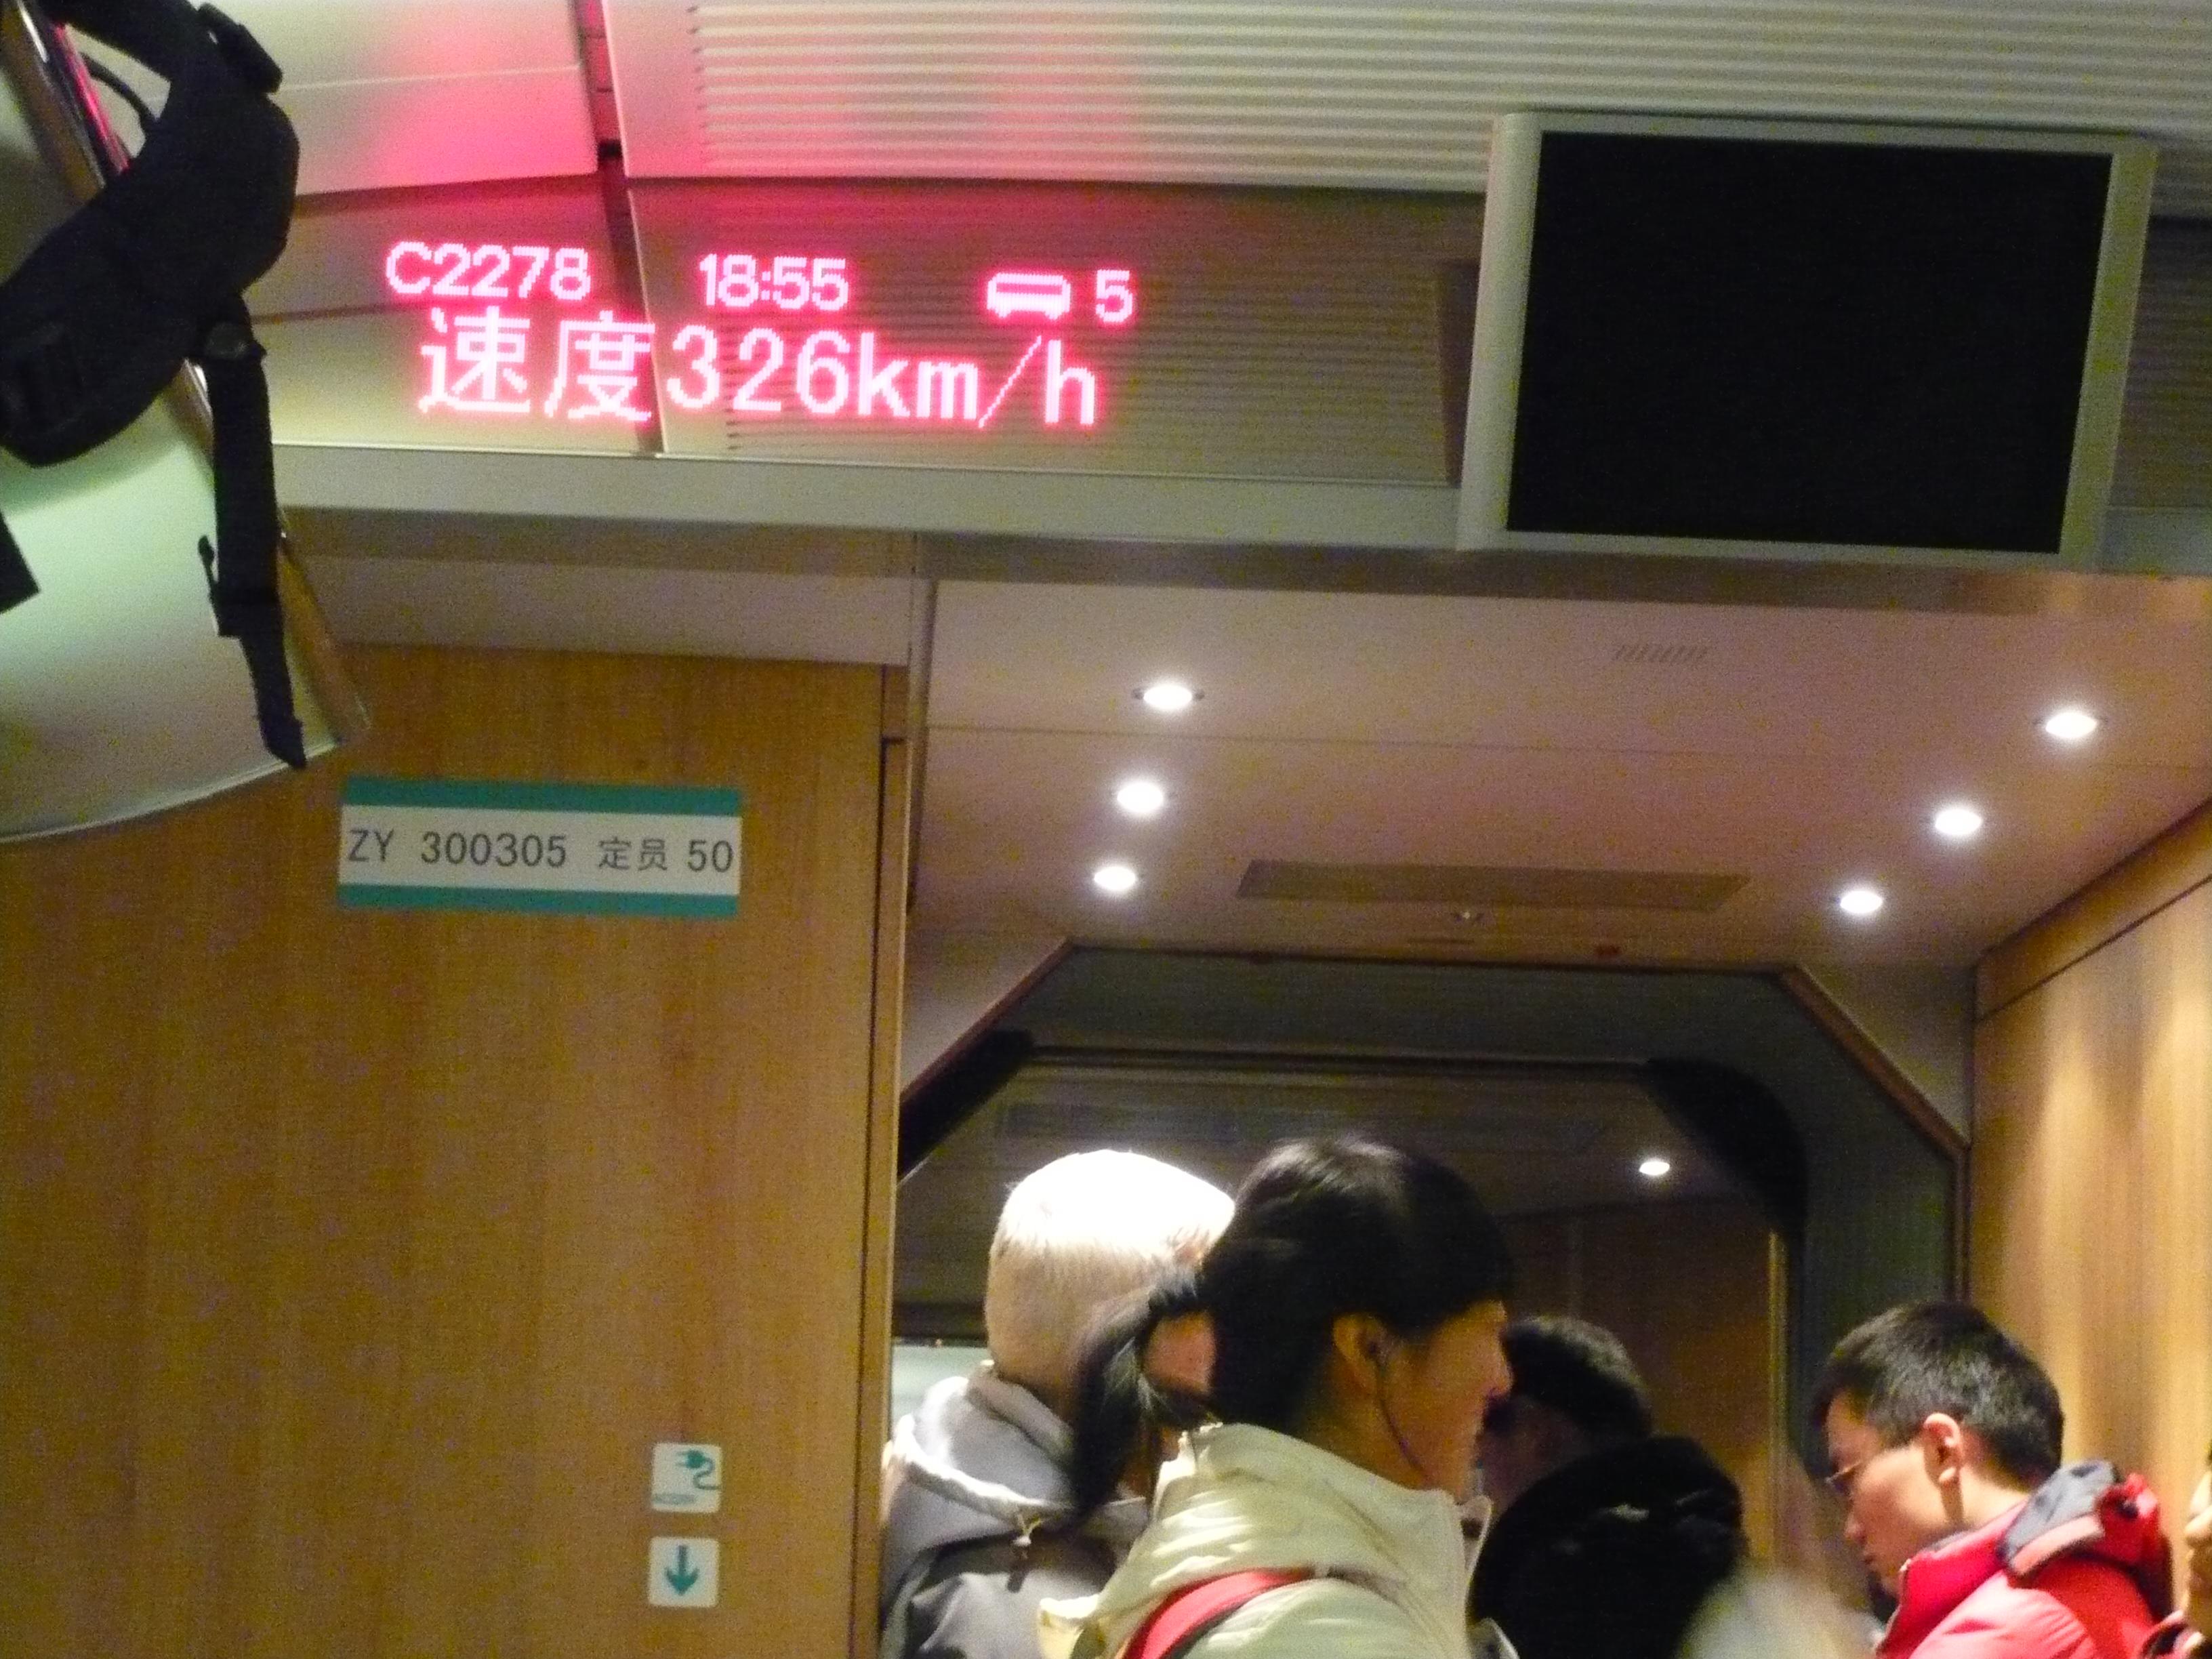 La Chine et le TGV